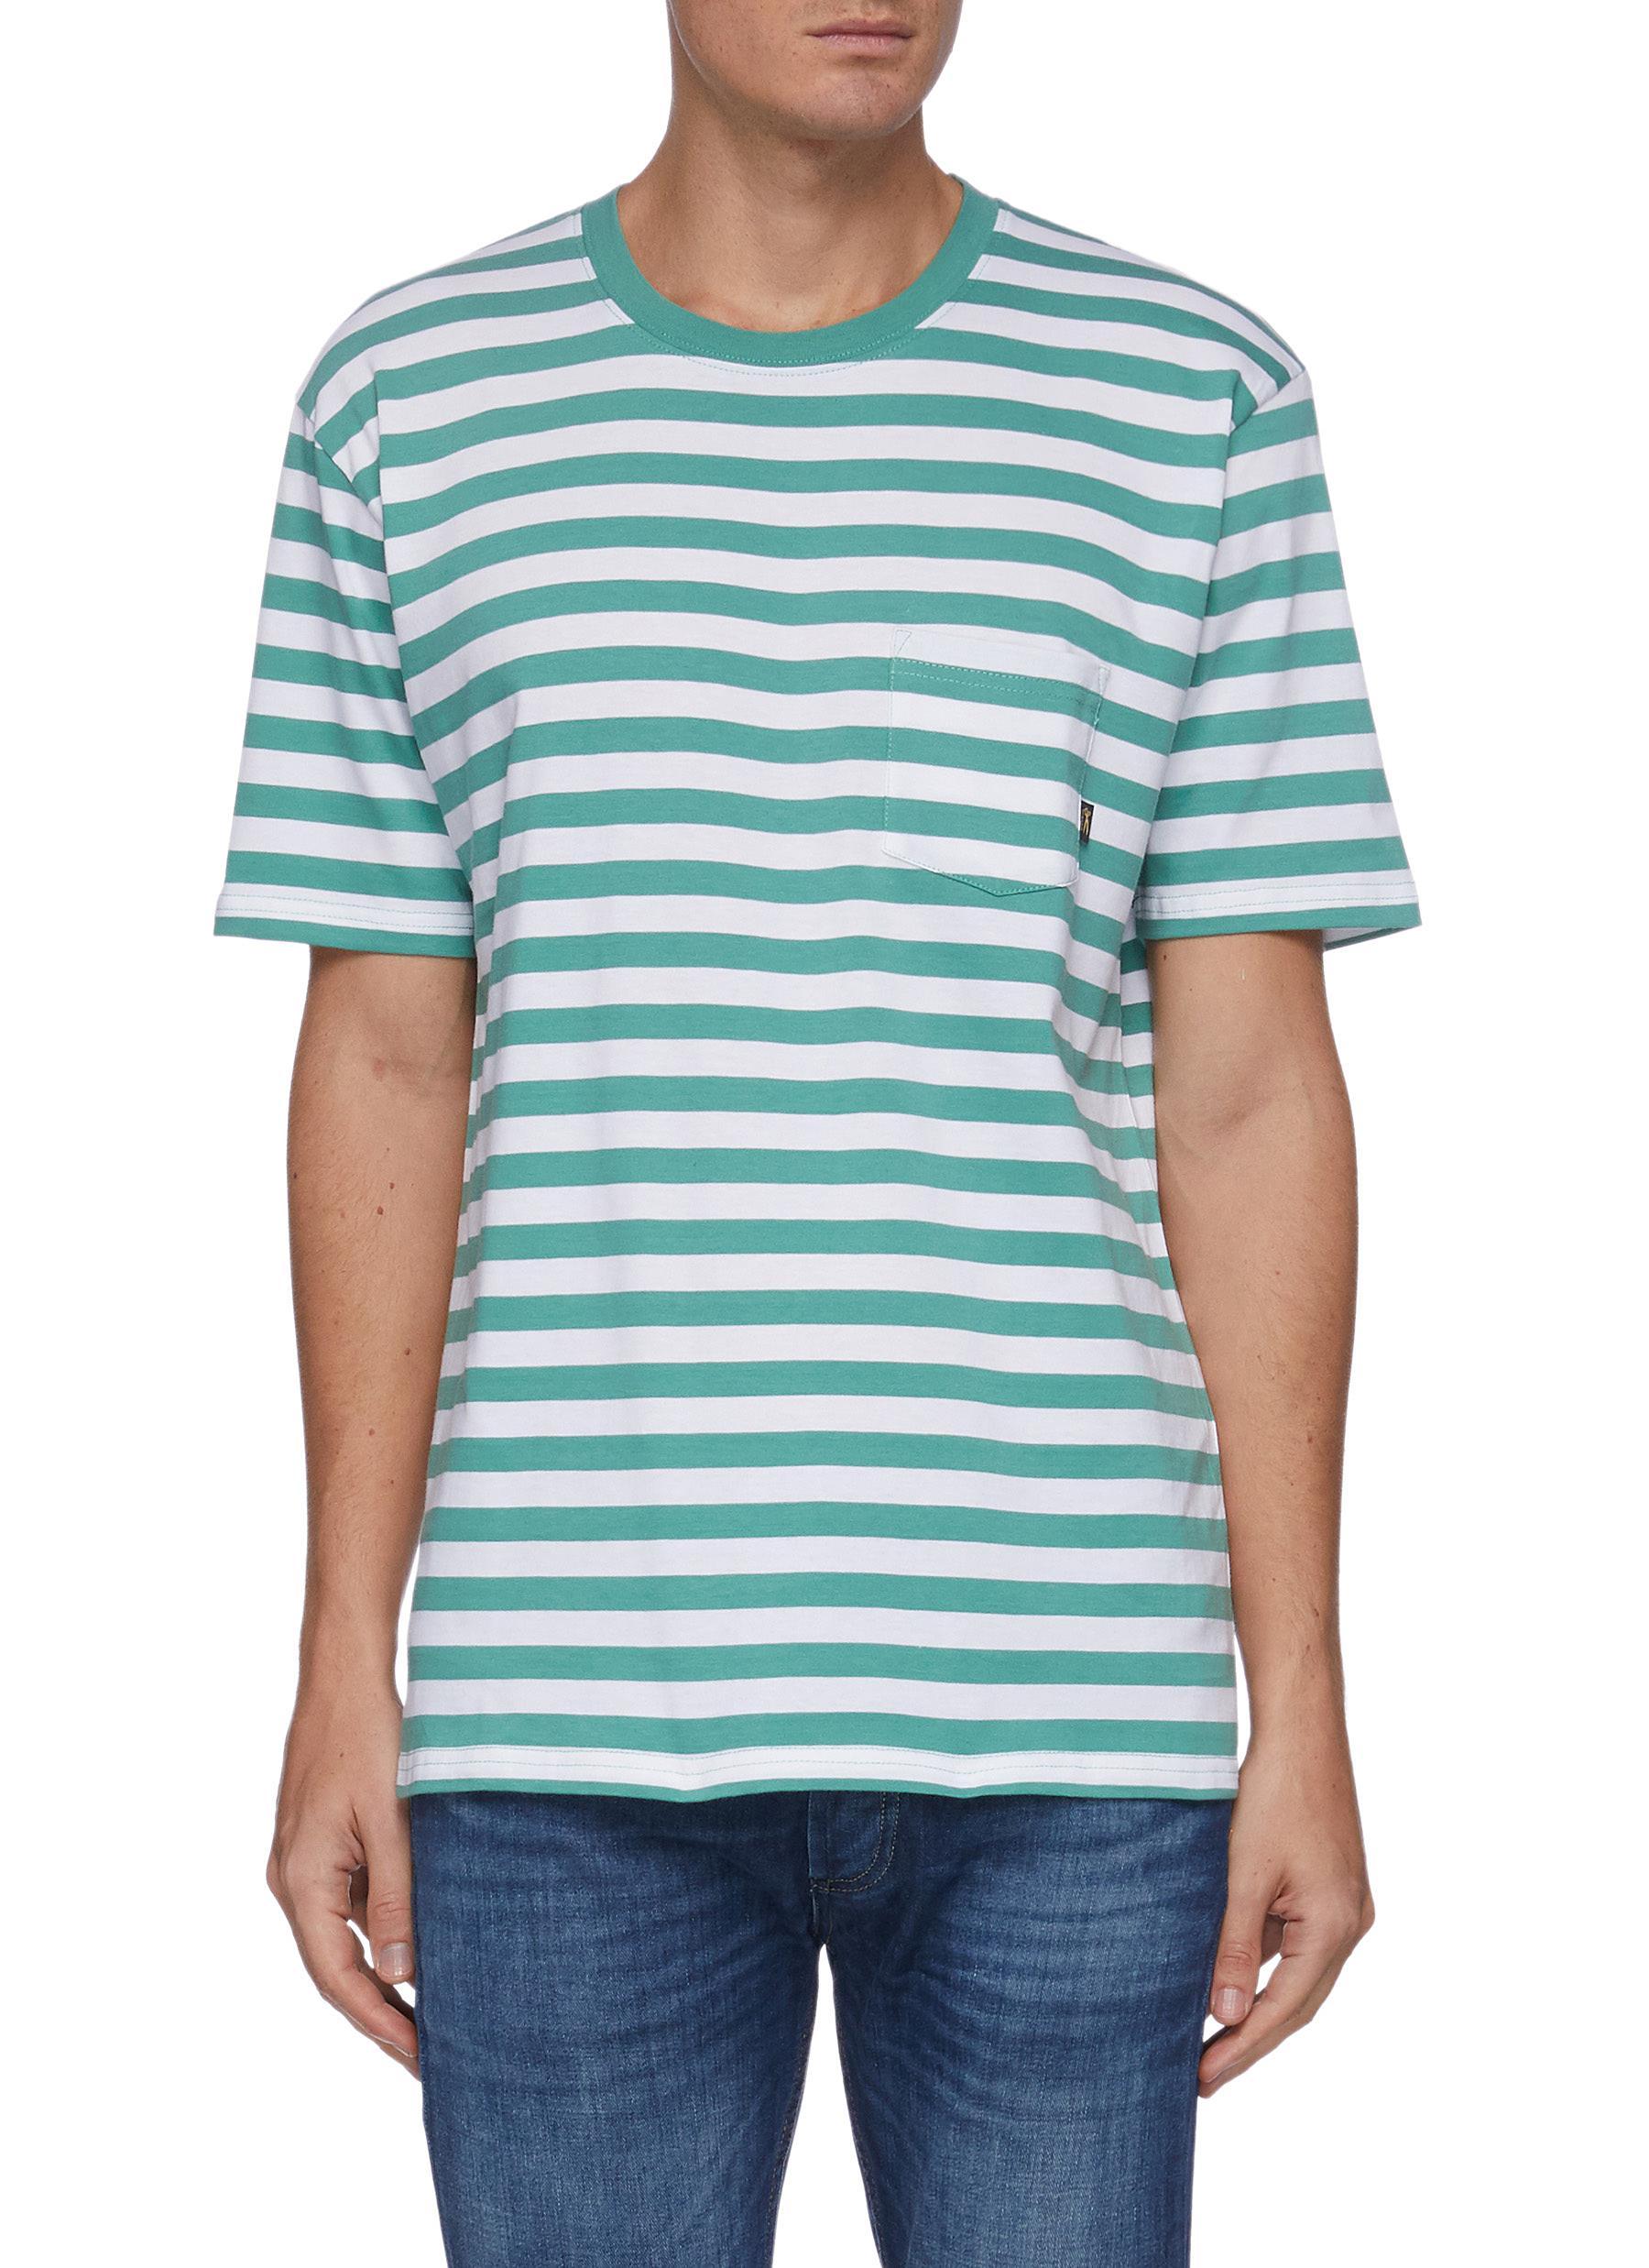 Troy Breton' Patch Pocket Striped Jersey T-shirt